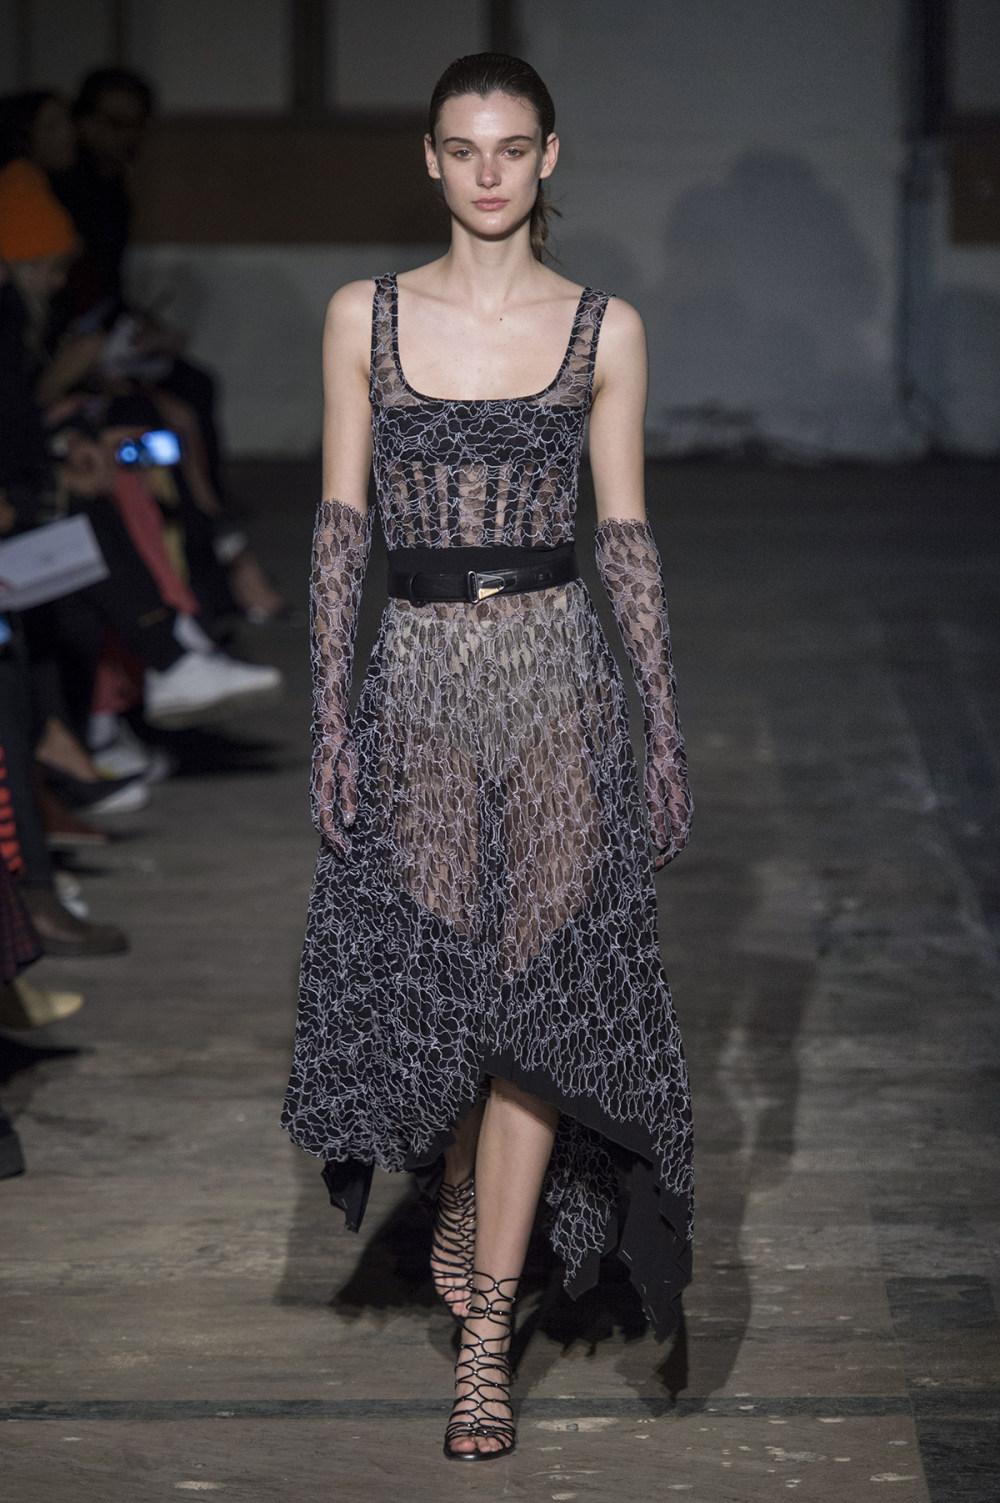 Dion Lee没有紧身衣的连衣裙被聚集或扭曲保持调色板的简约和奢华-34.jpg